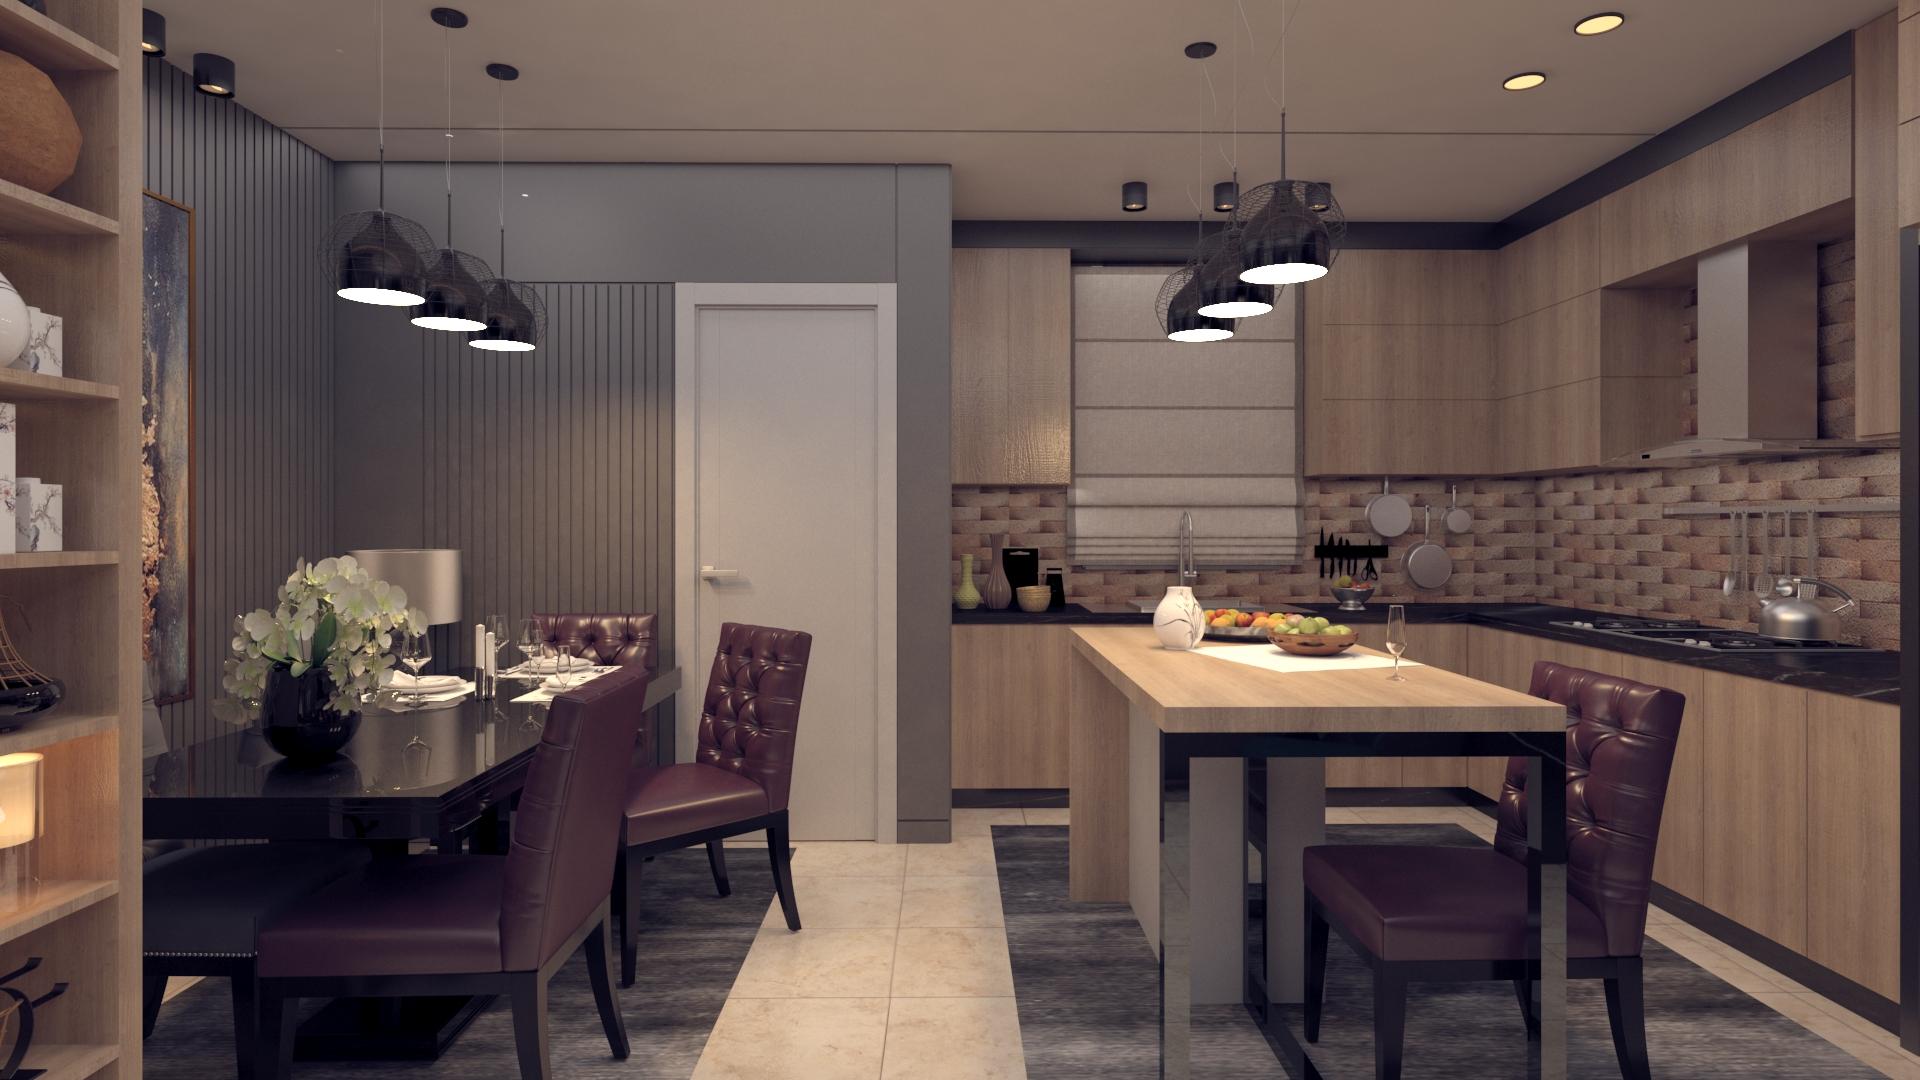 تصميم صالة معيشة مع طاولة طعام ومطبخ مستقل